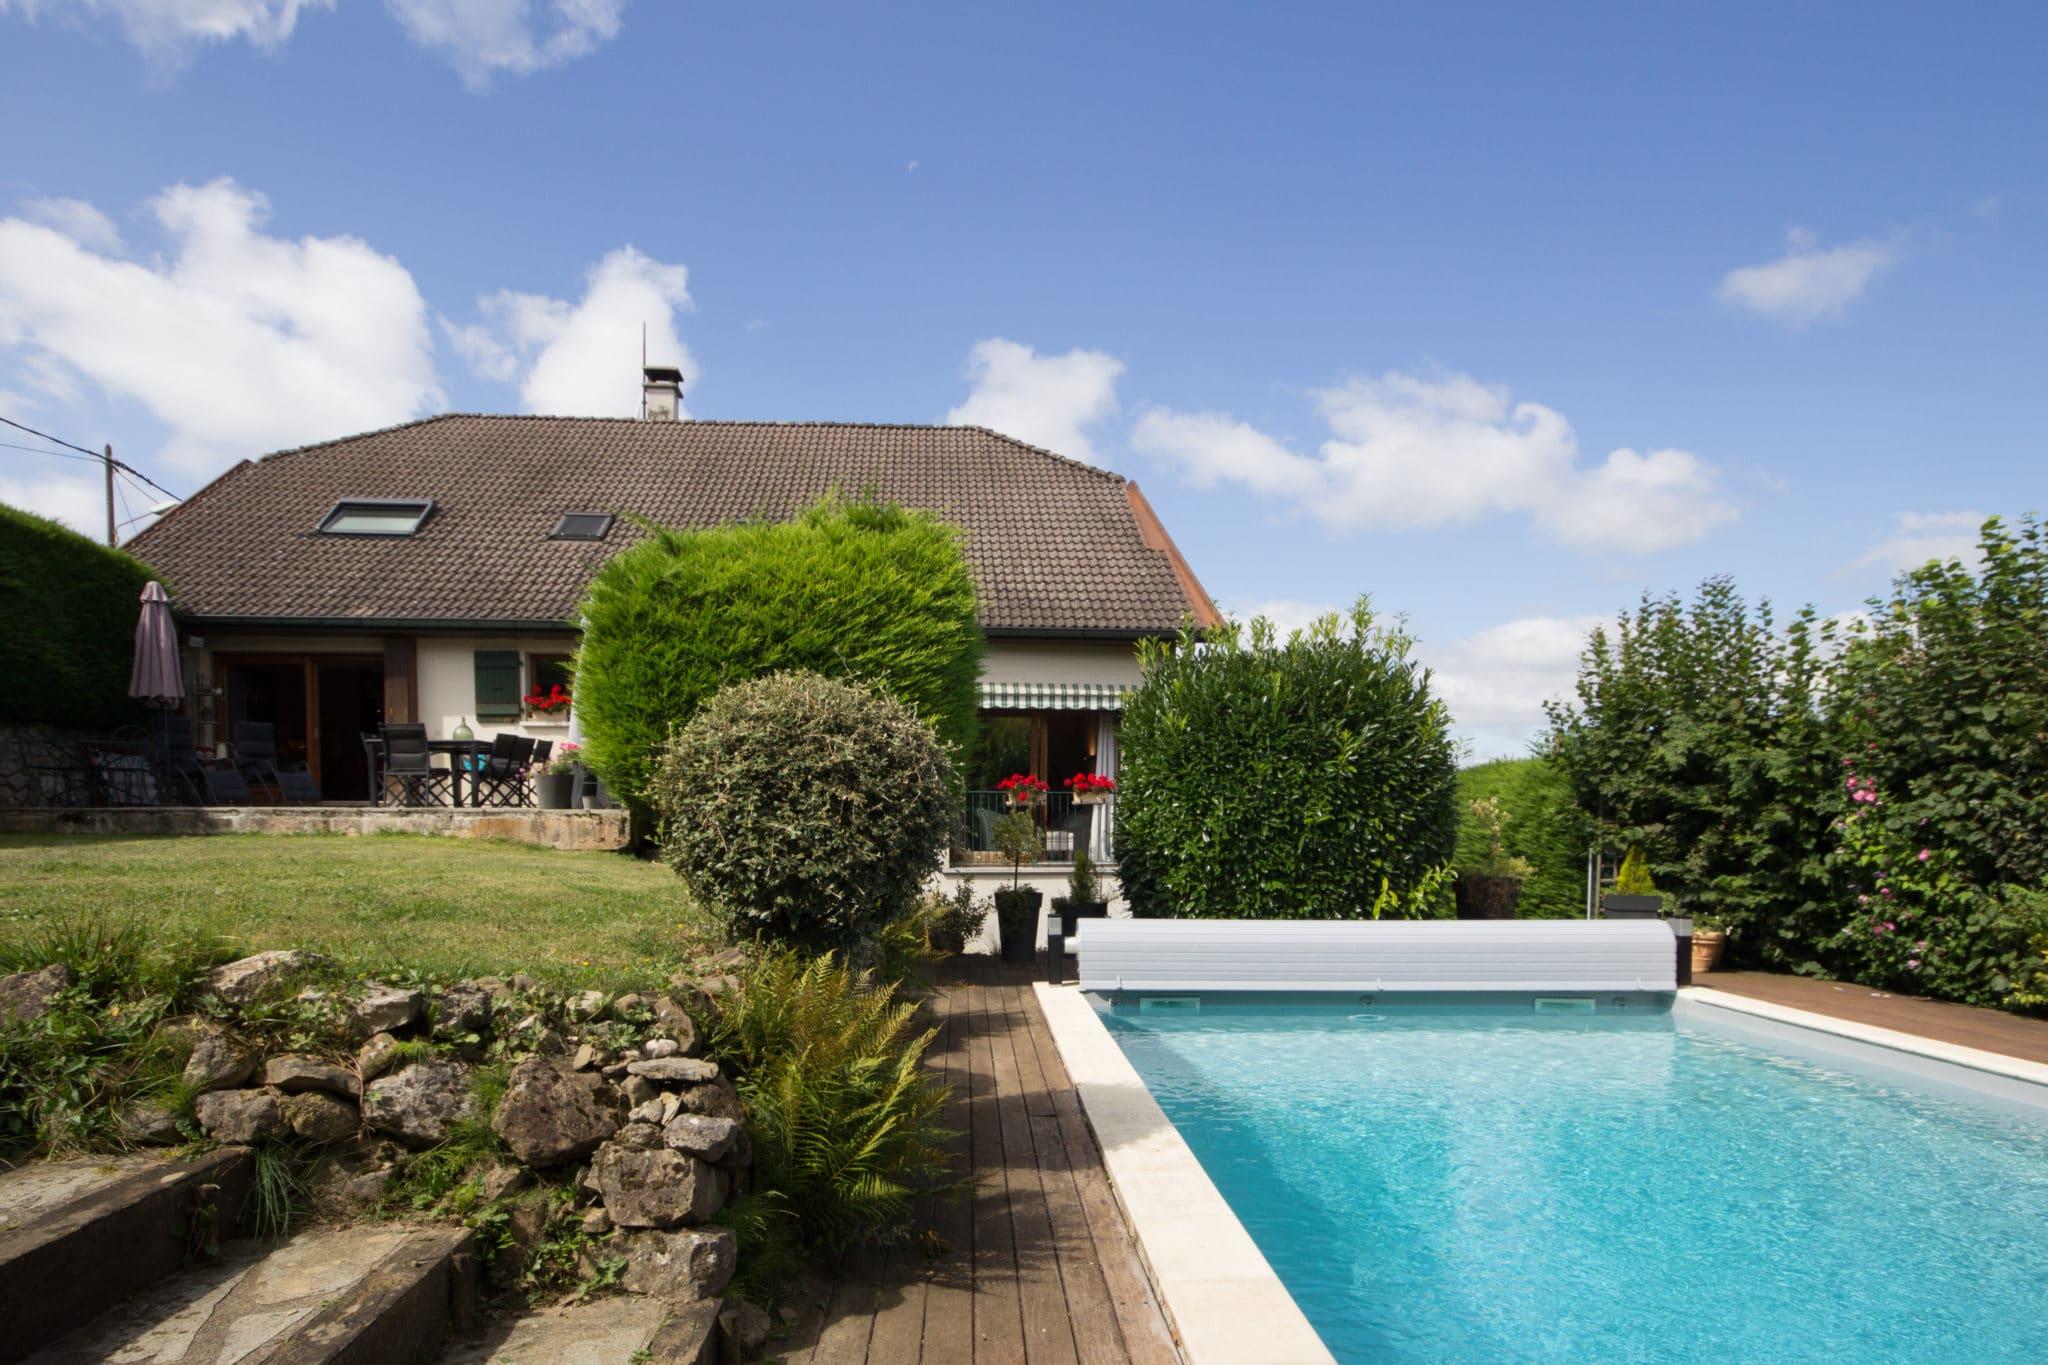 ANNECY LE VIEUX - Maison au calme avec piscine chauffée